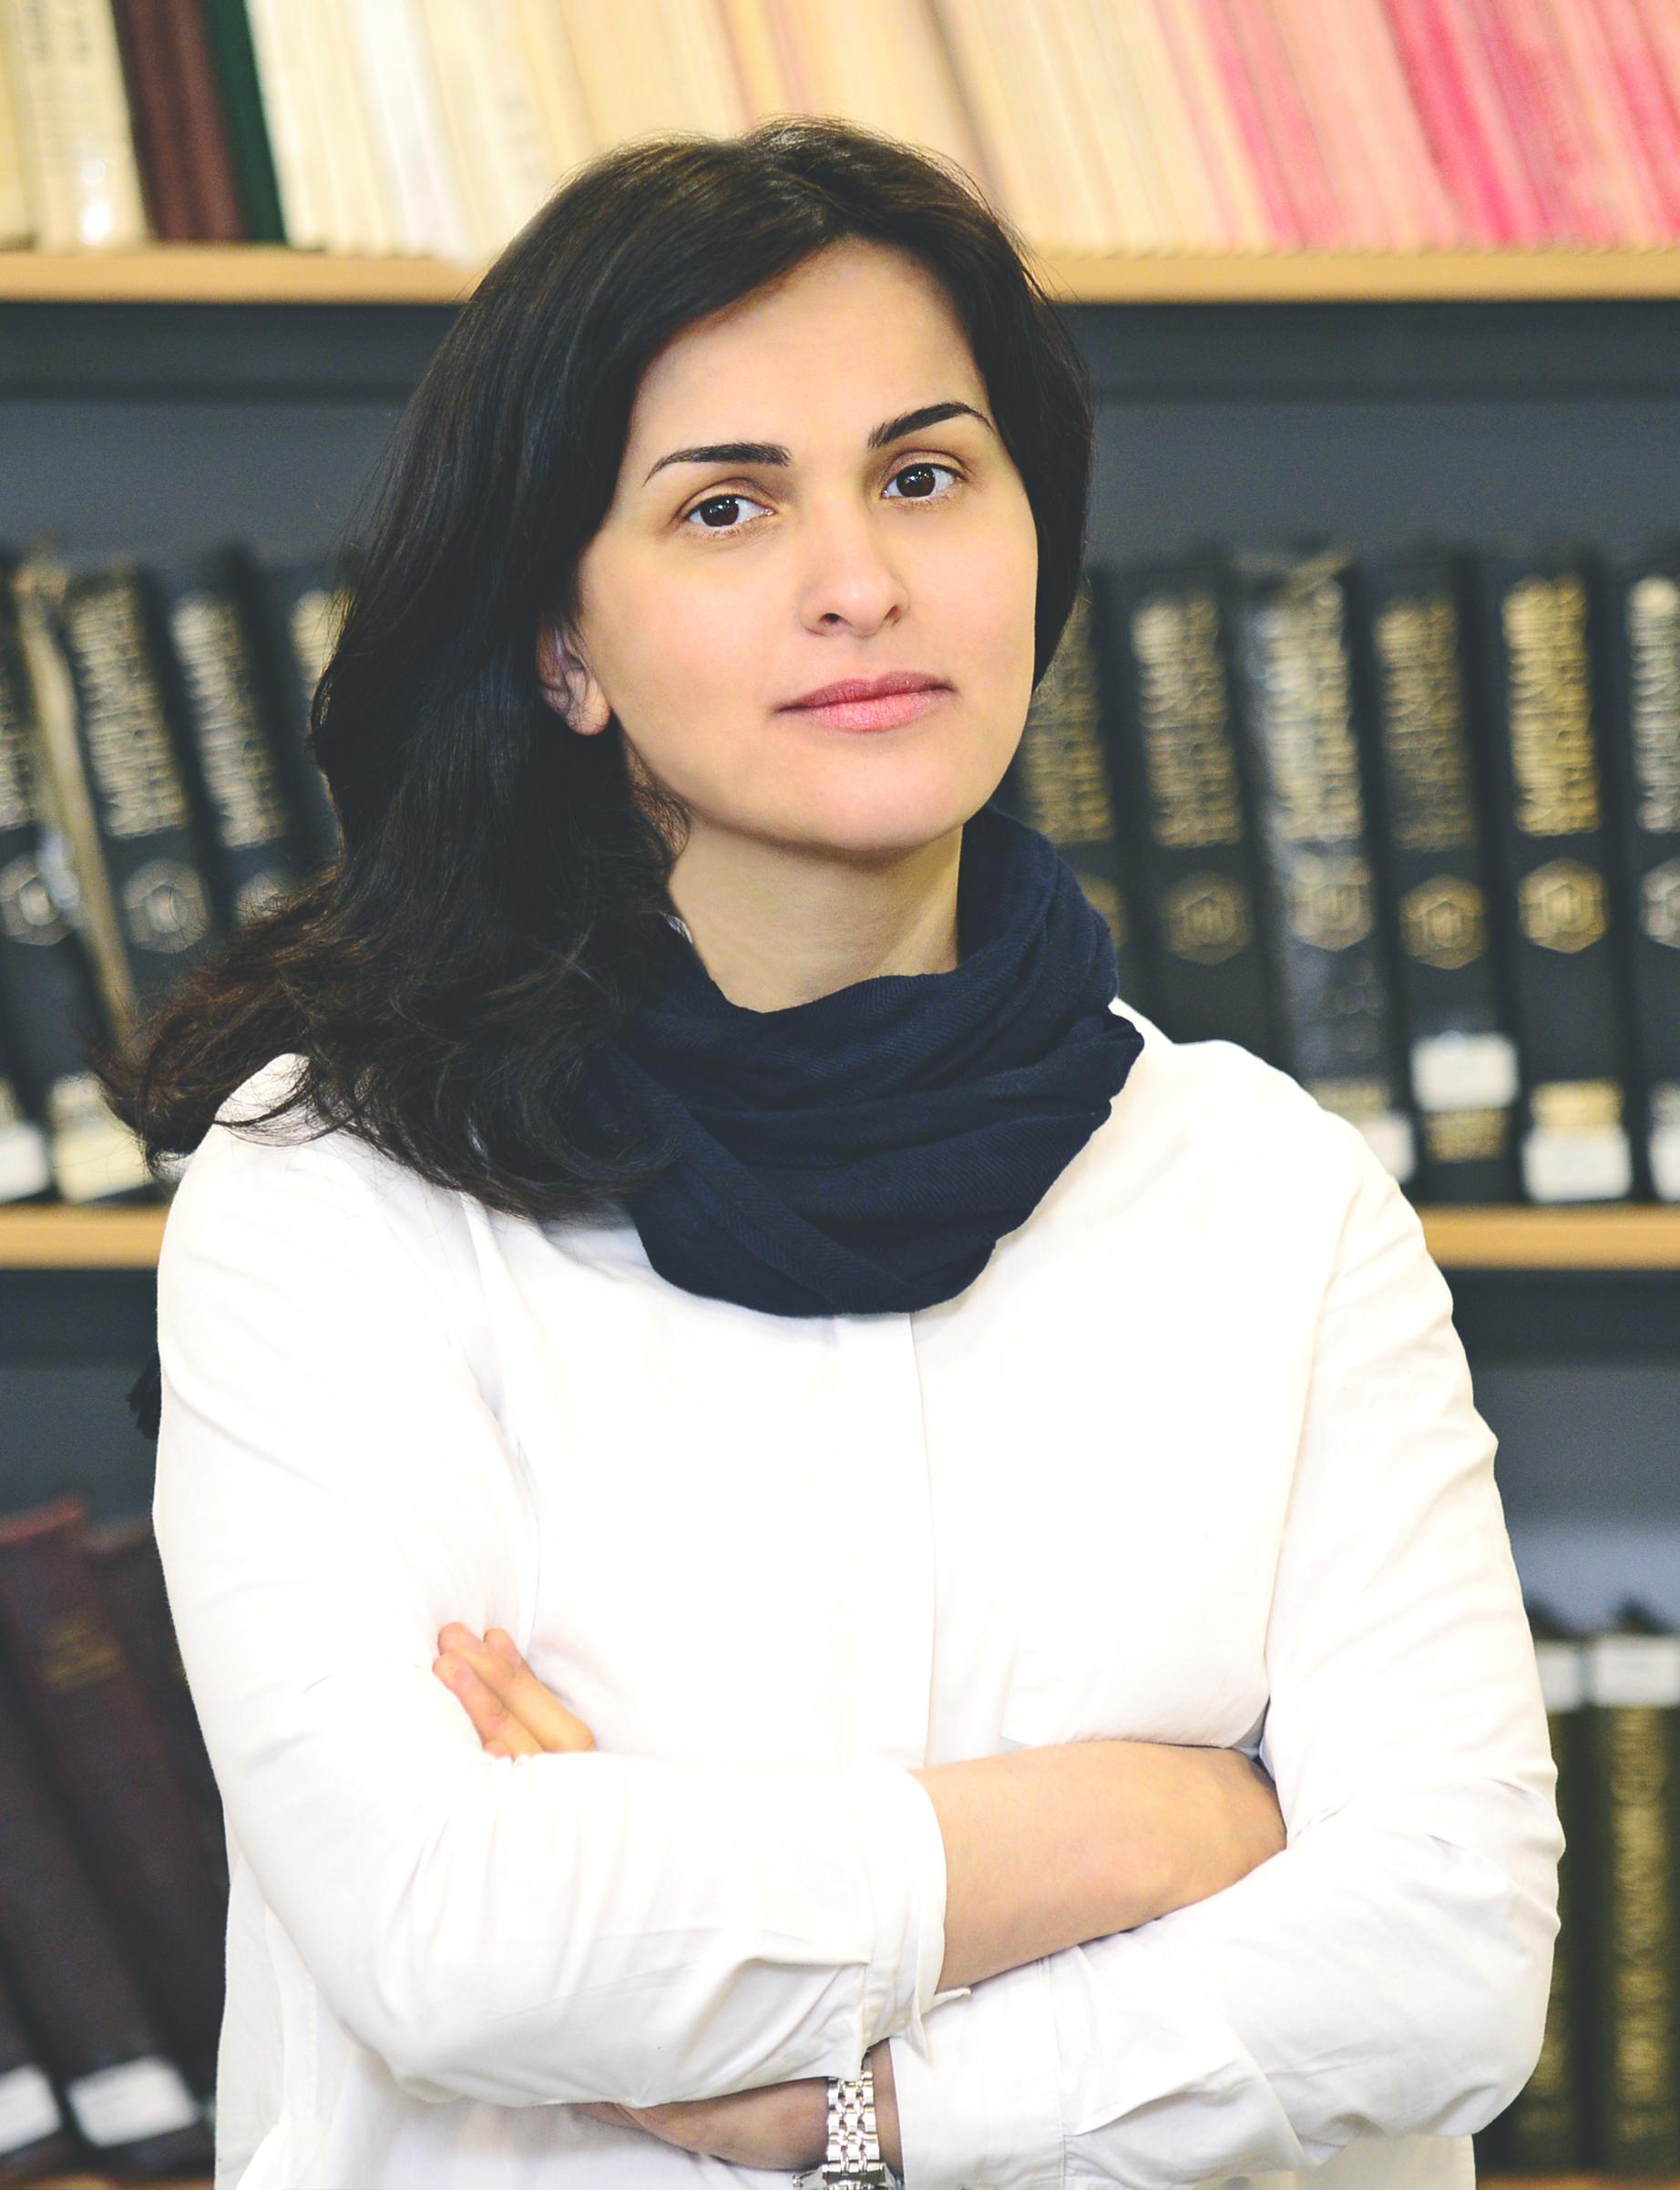 უფროსი სპეციალისტი – შორენა მარდალეიშვილი shorena.mardaleishvili@iliauni.edu.ge